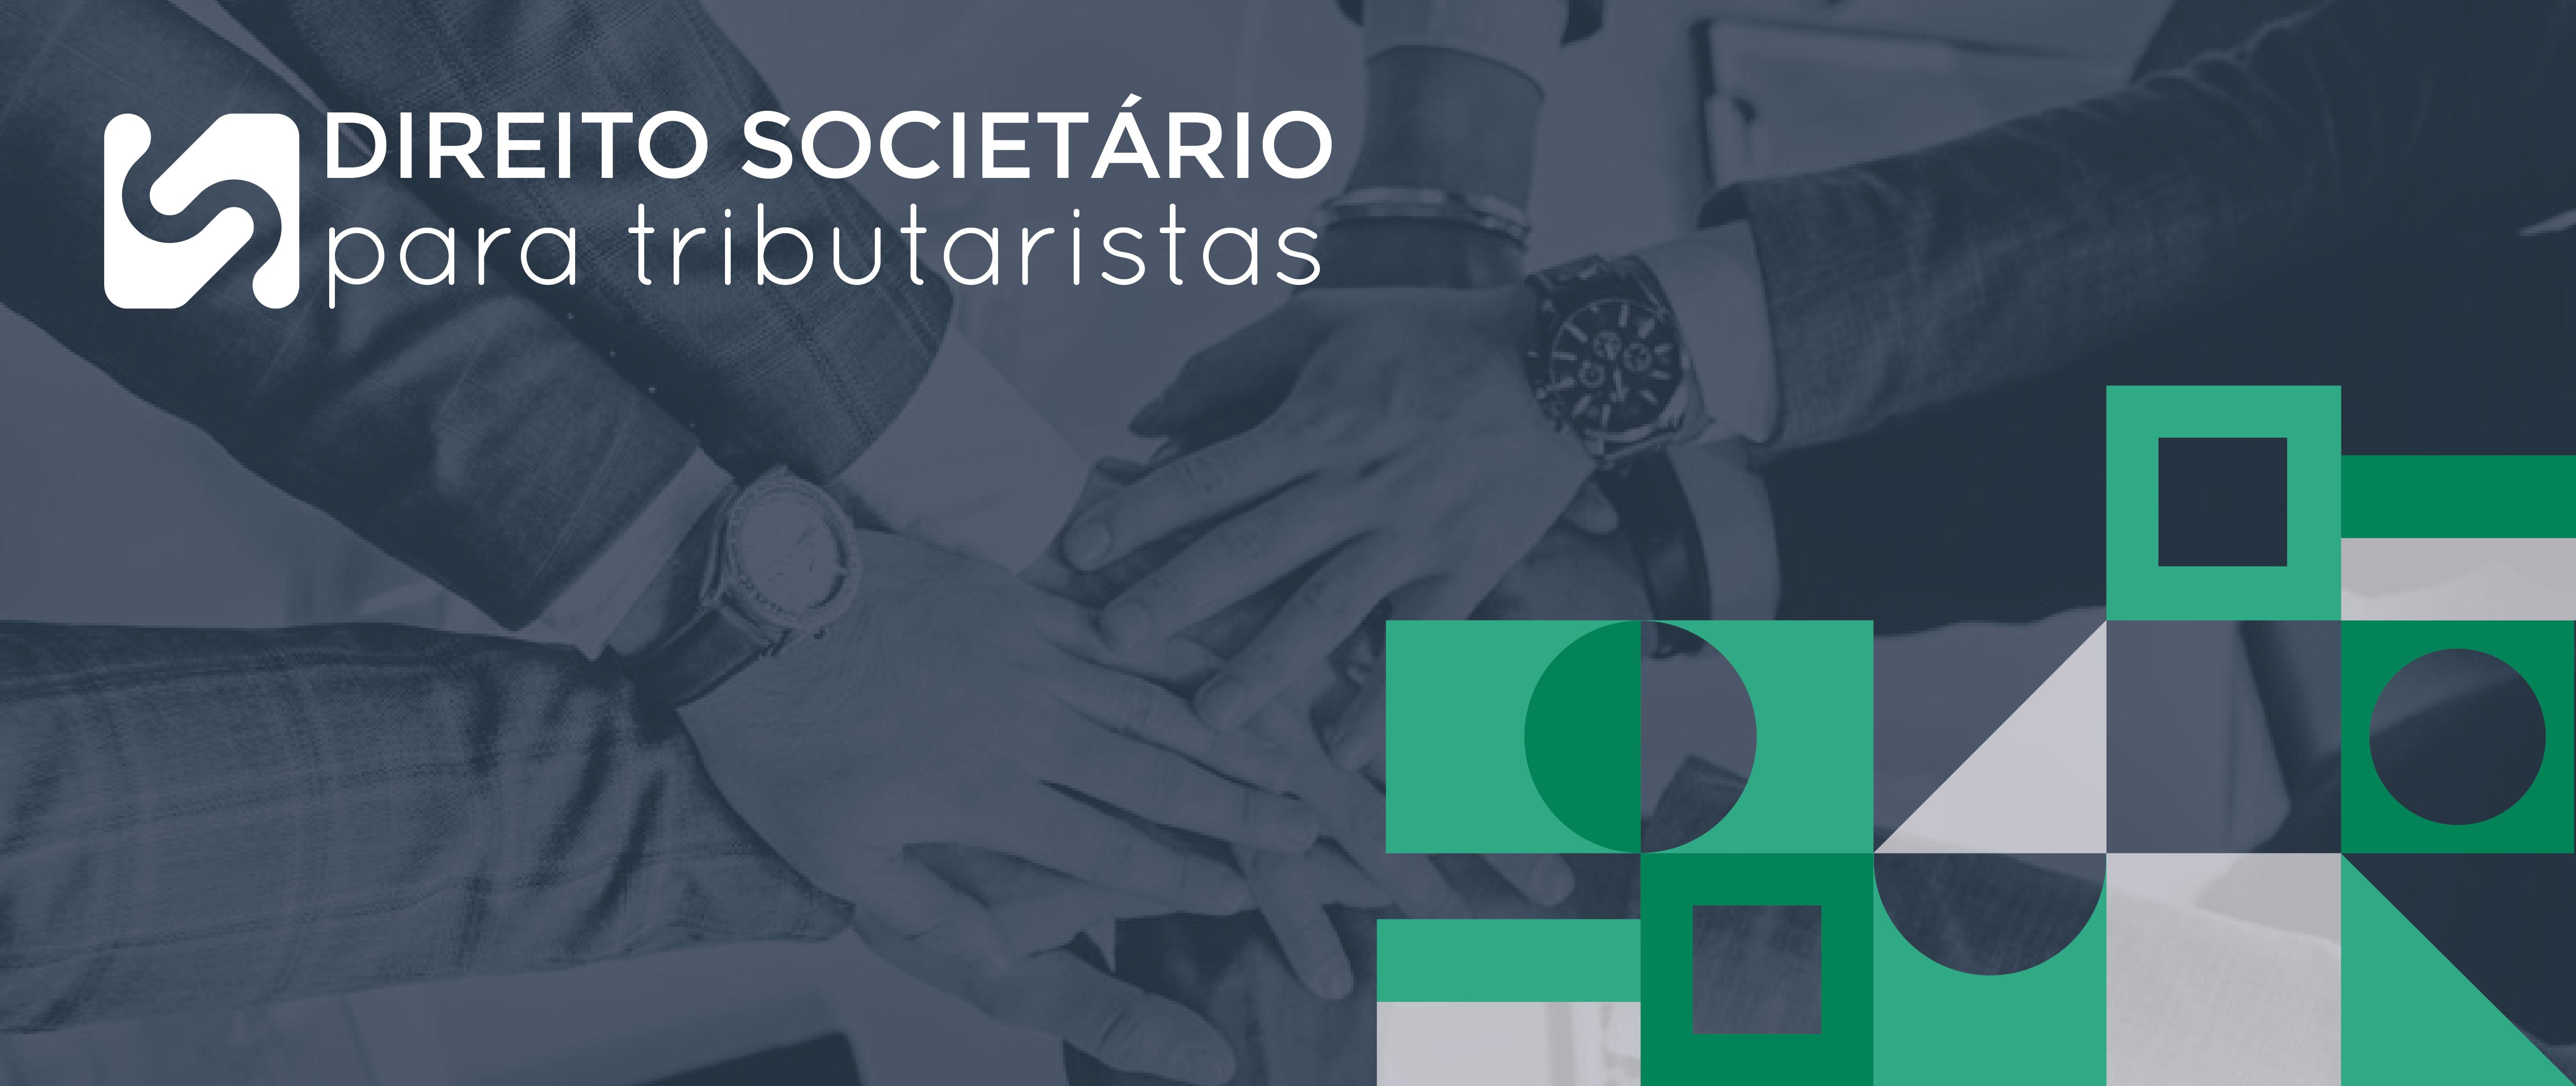 Direito Societário para Tributaristas